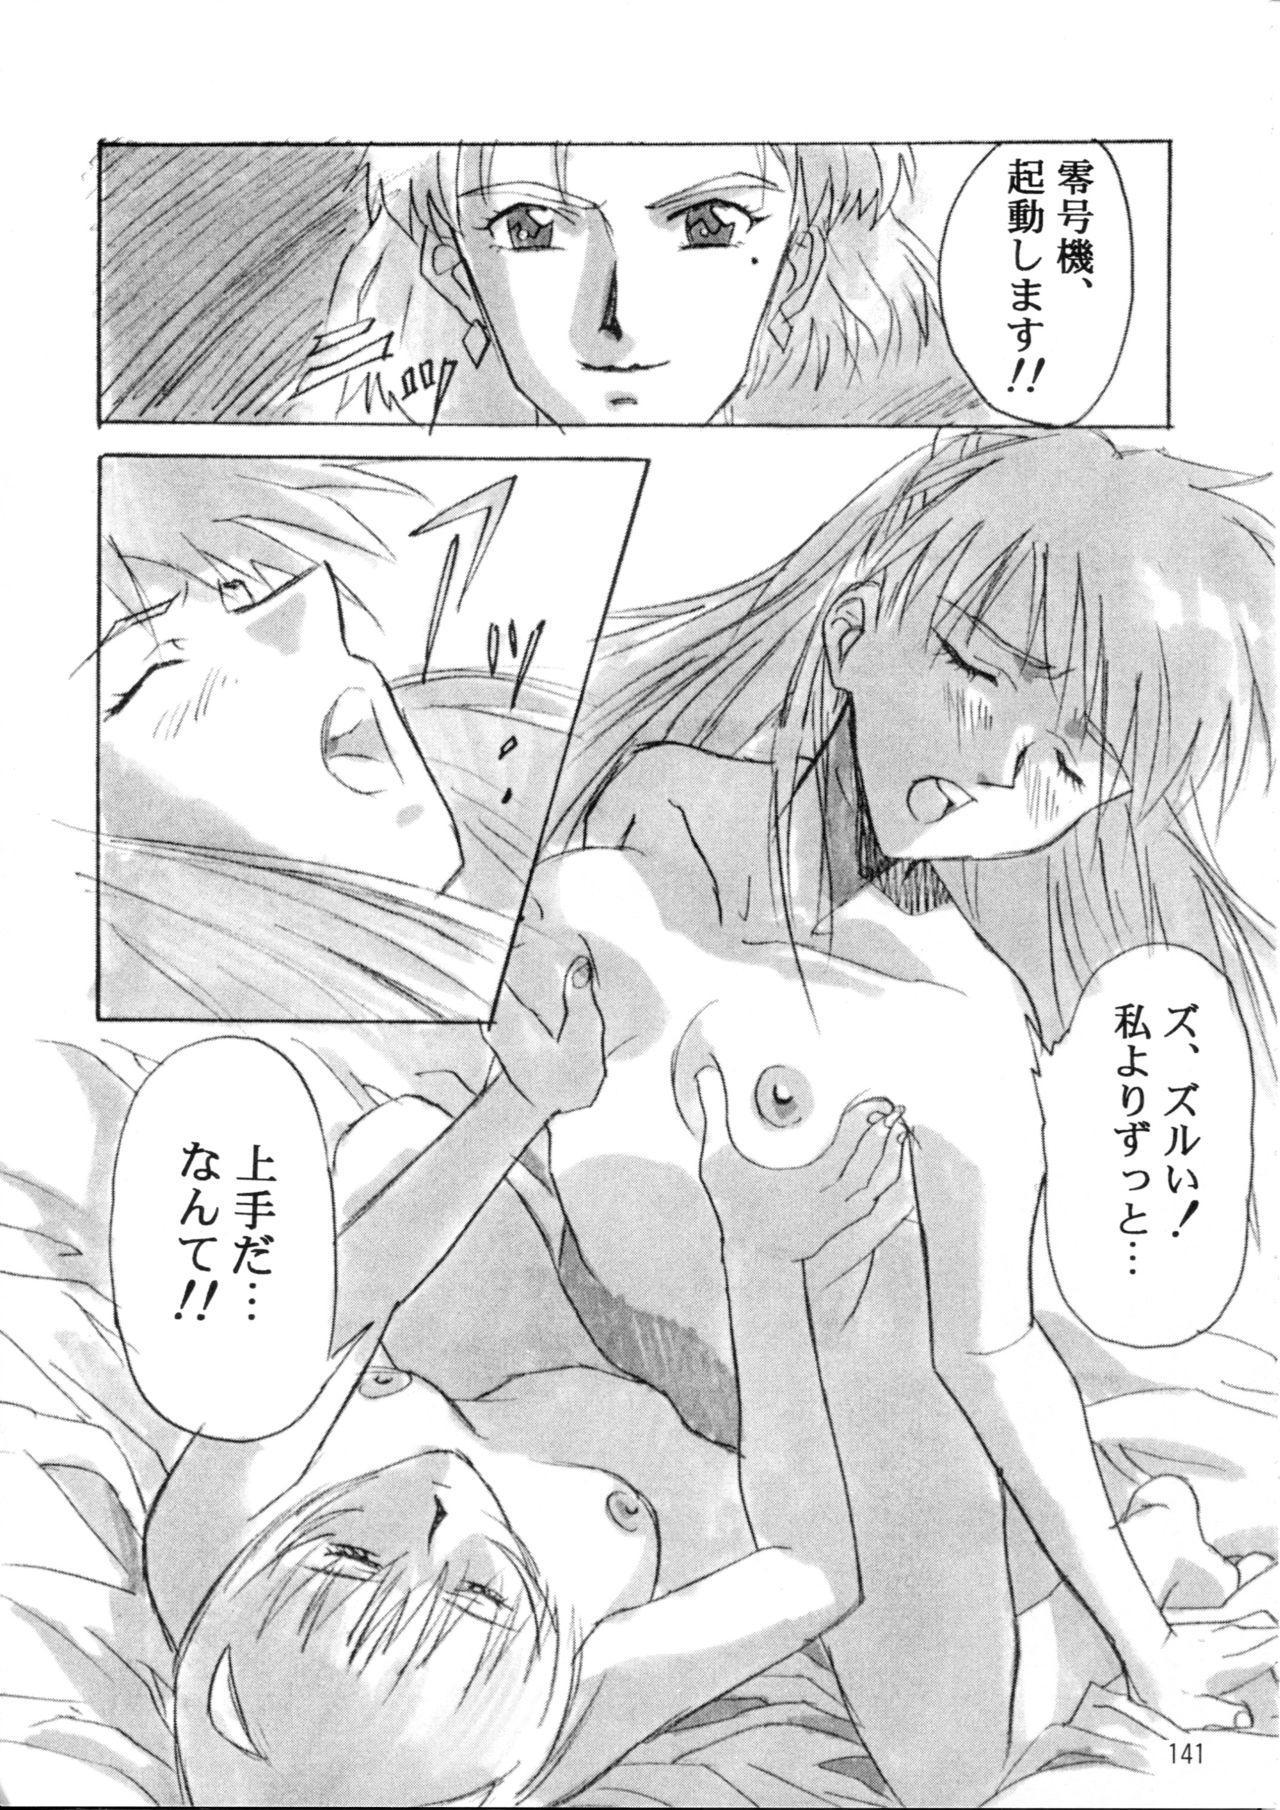 Henreikai Special Vol. 9 138